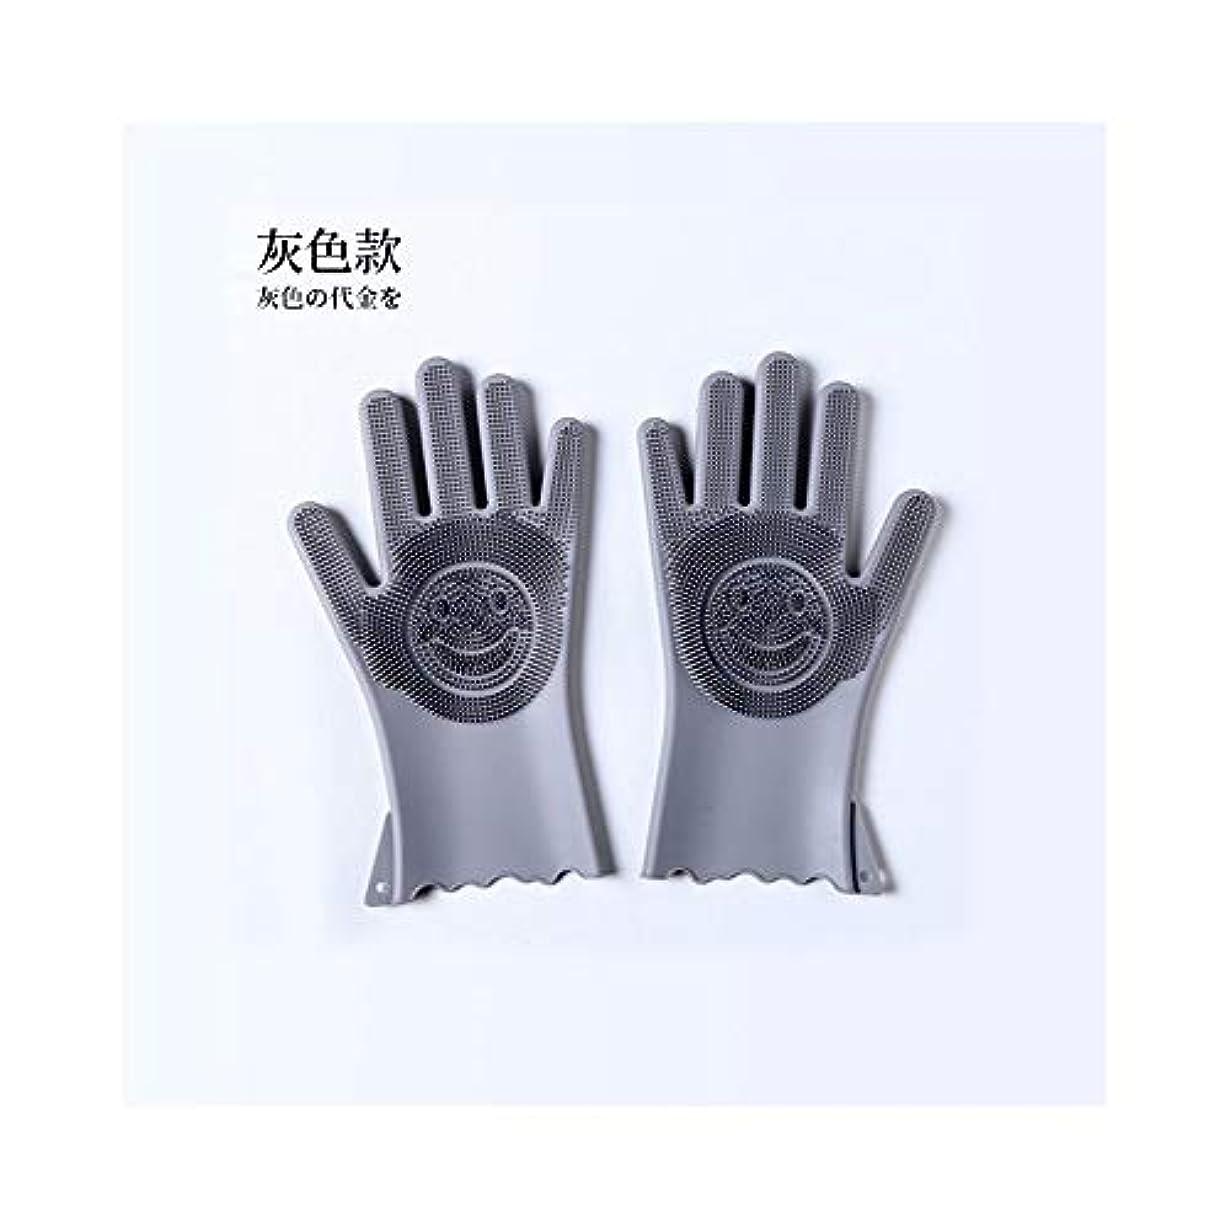 マイク本物のすばらしいですニトリルゴム手袋 作業用手袋防水厚くて丈夫なシリコーン多機能キッチン家庭用手袋 使い捨て手袋 (Color : Gray, Size : M)